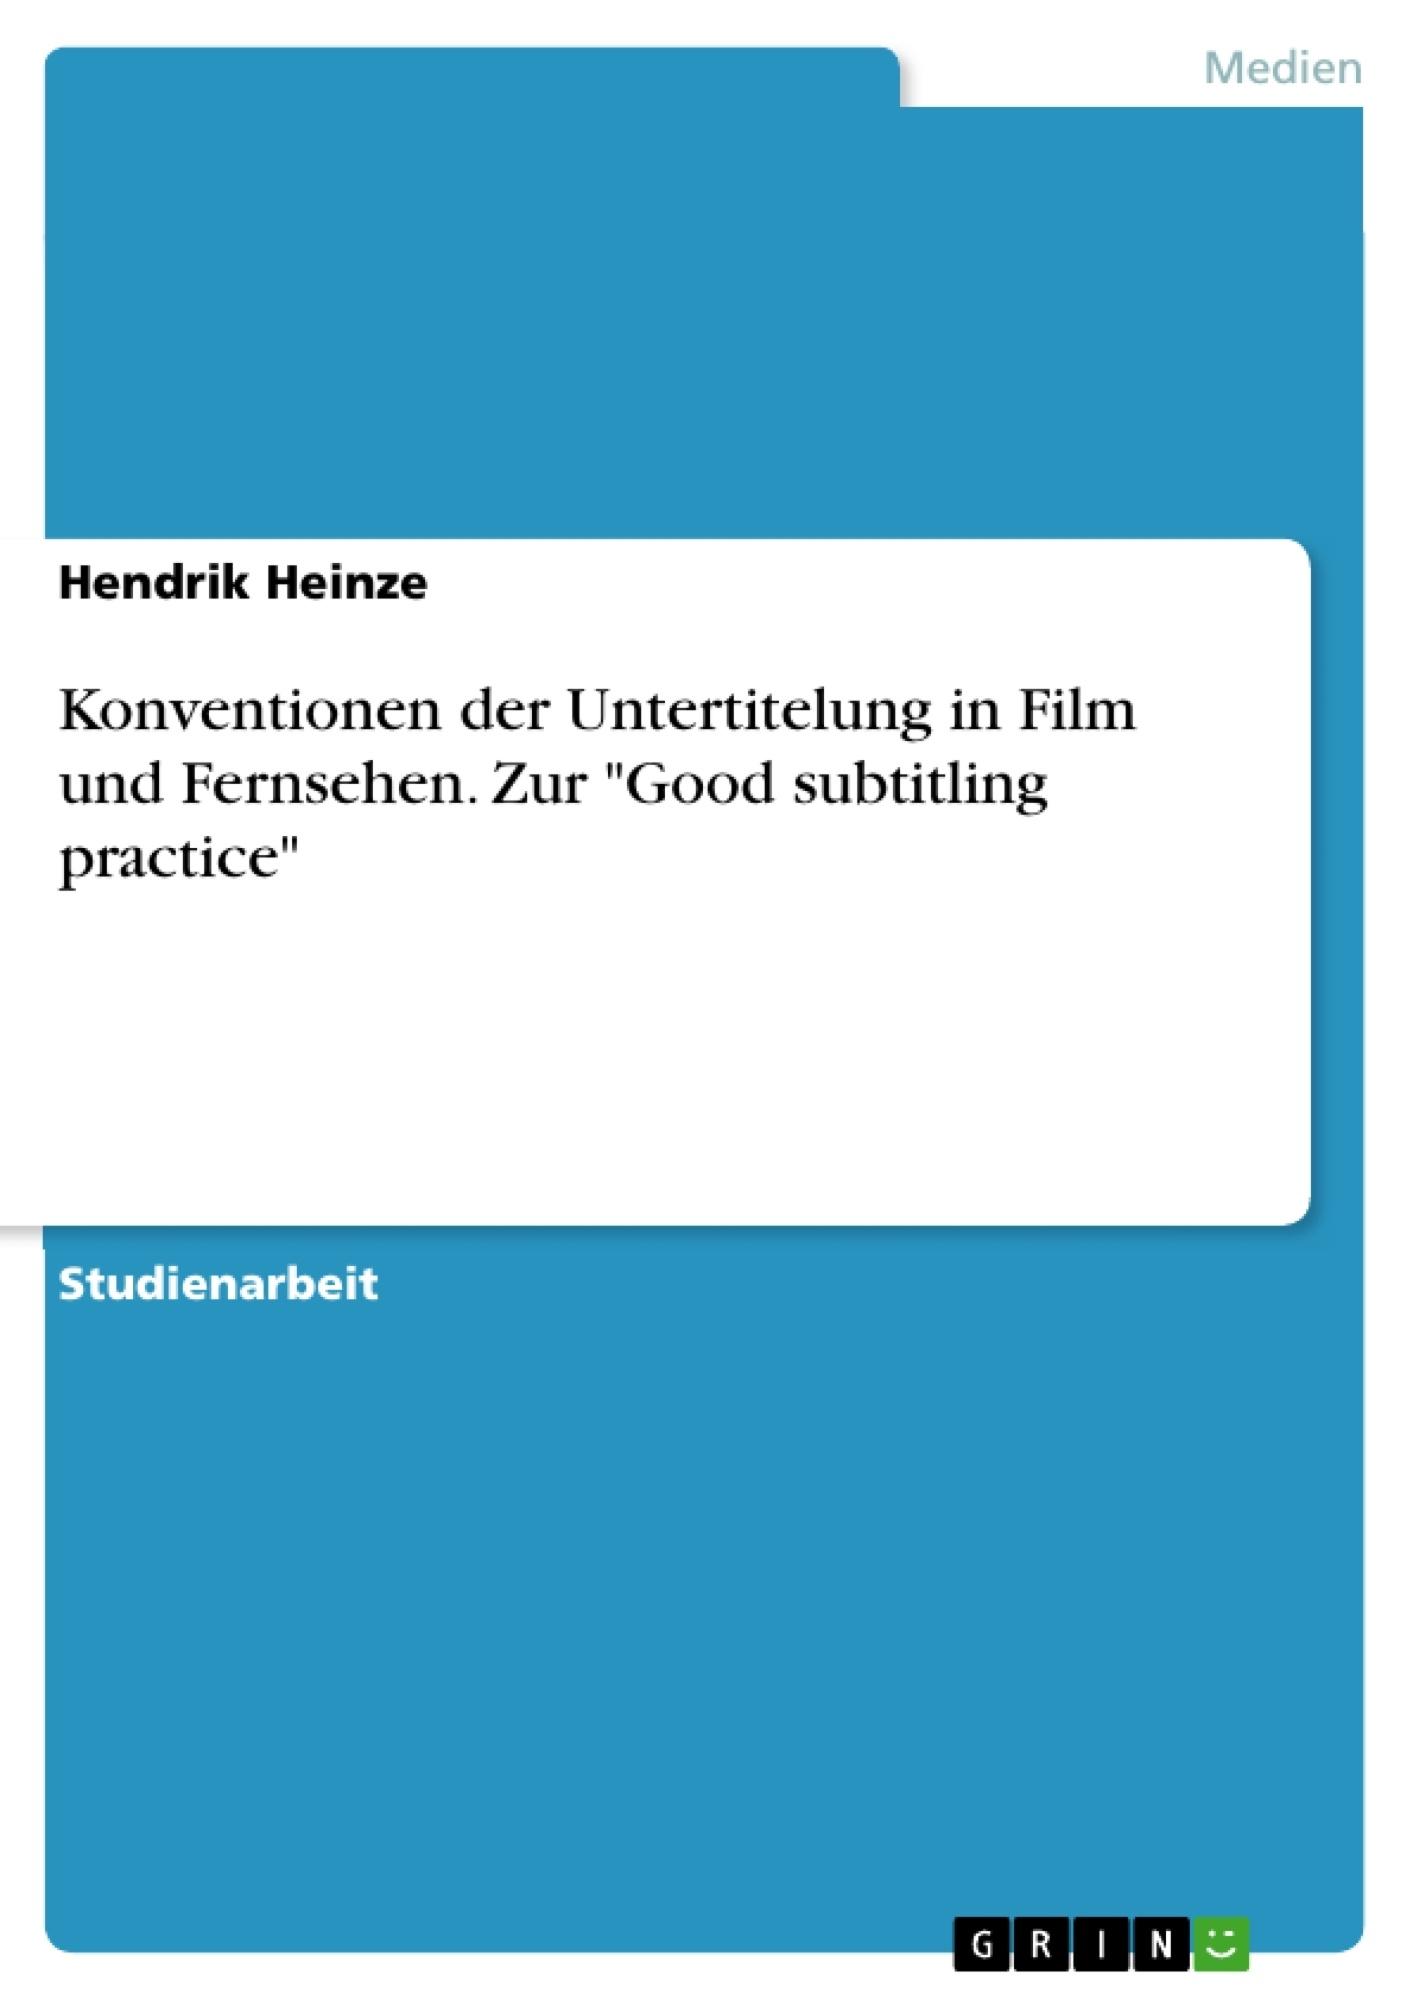 """Titel: Konventionen der Untertitelung in Film und Fernsehen. Zur """"Good subtitling practice"""""""